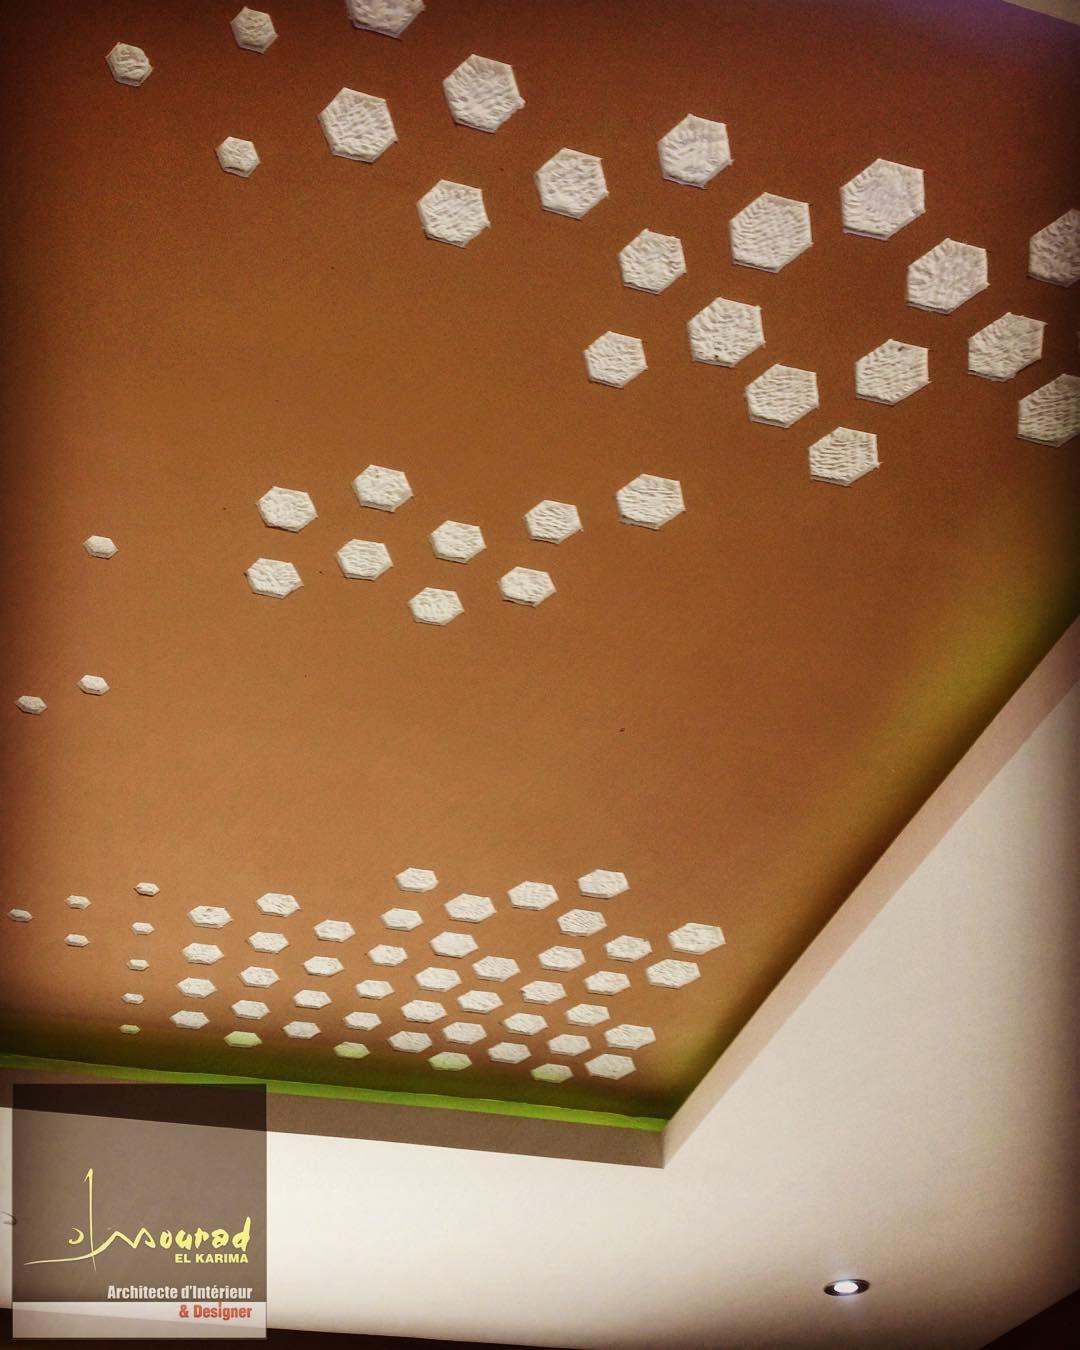 Jeux de forme hexagonales multi-taille sculpte sur faux-plafond appartement A1.  playing multi-fit hexagonal craved on ceiling #apartment A1  #Design #architectureinterieur #interiordesign #هندسة_داخلية by #mouradelkarima studio #MEKAI #ceiling #craving #sculpture #glamourinterior #multifit #hexagon #geometricforms #geometricdesign #fauxplafond by mouradelkarima